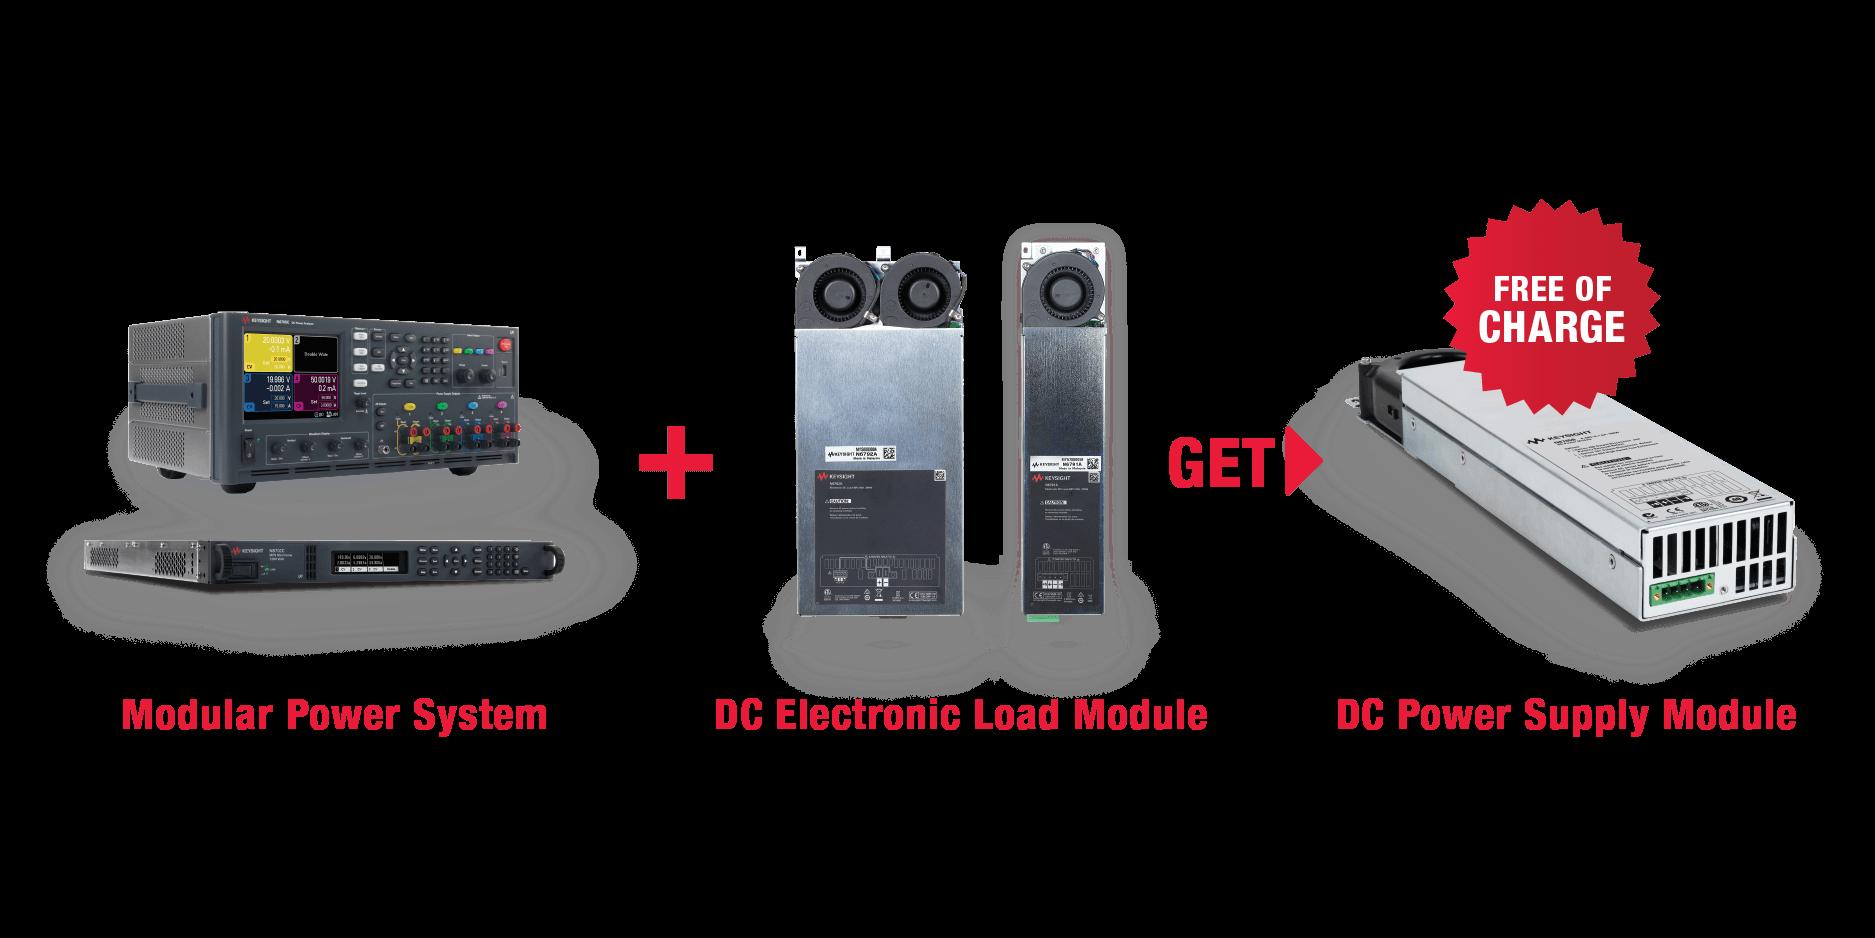 E-LOAD Free Power Module graphic